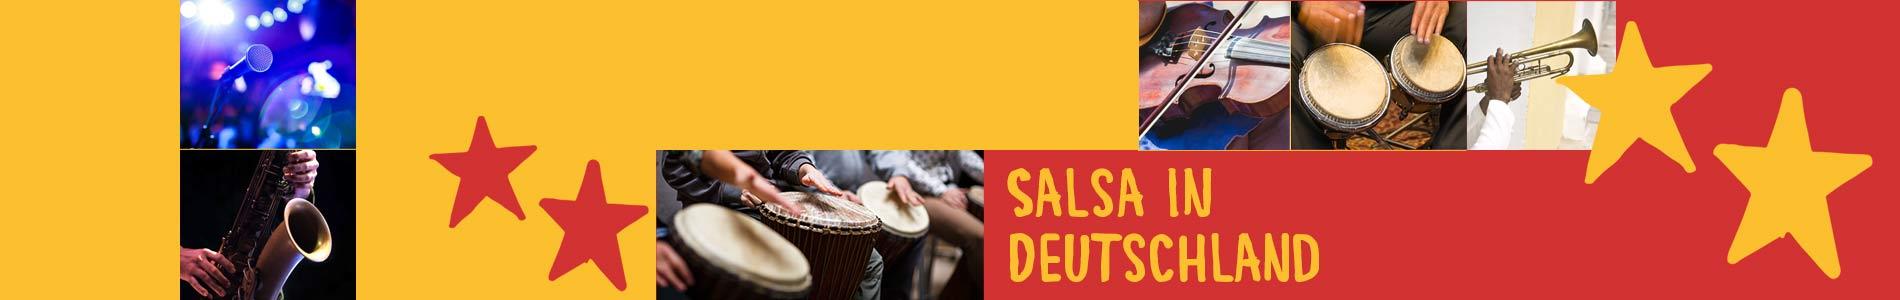 Salsa in Calden – Salsa lernen und tanzen, Tanzkurse, Partys, Veranstaltungen